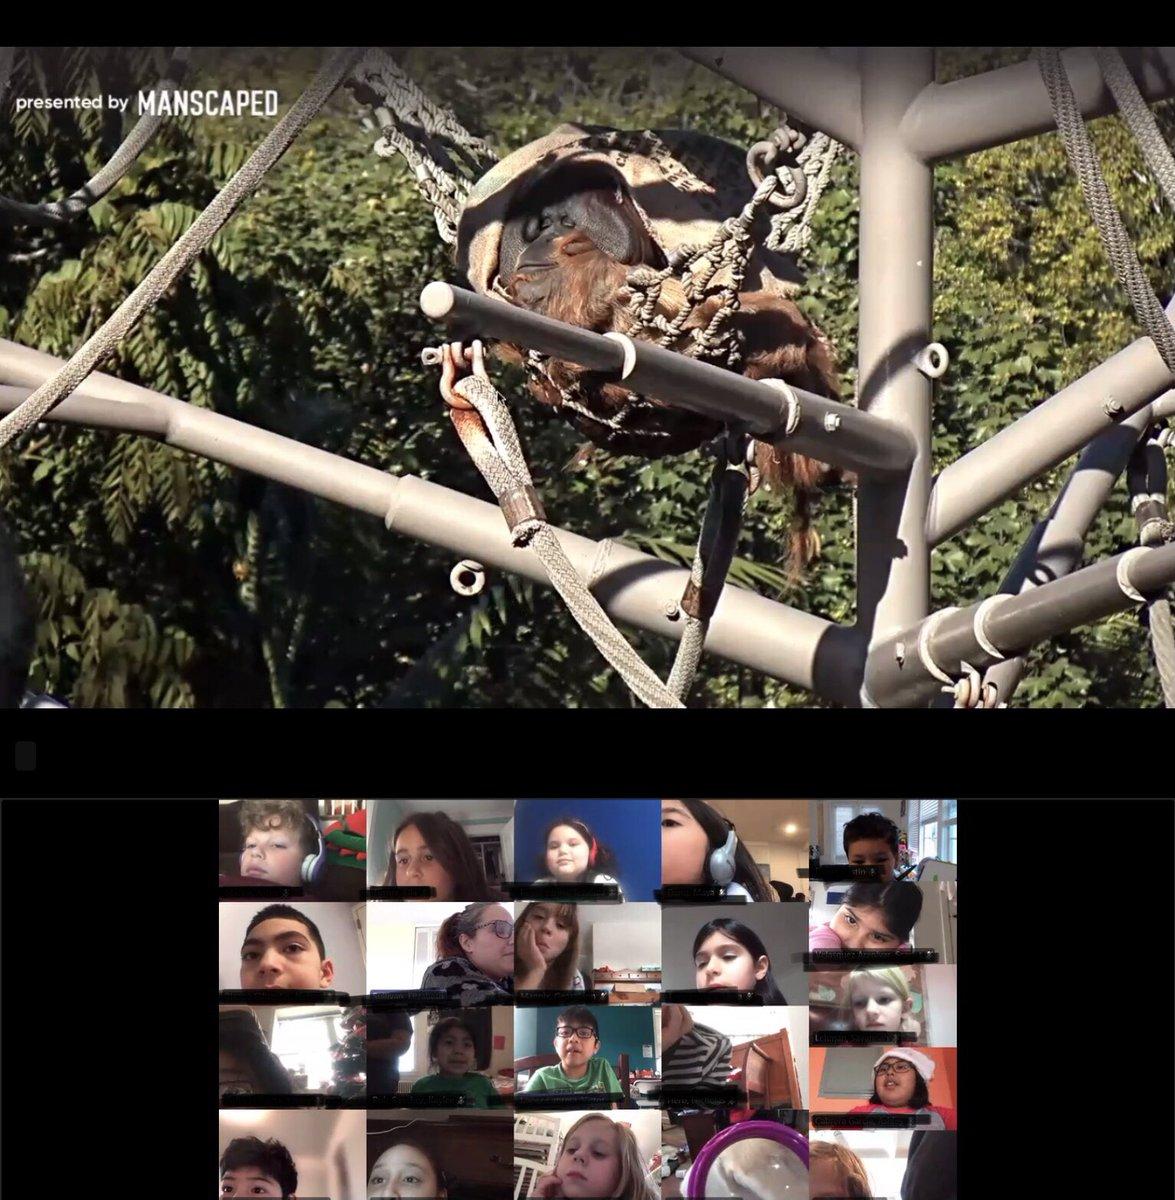 Эти второклассники получили 2-минутную виртуальную экскурсию в зоопарк за то, что познакомились с их минутами Лексии! Продолжайте хорошую работу! #kwbpride #apecam https://t.co/wz15XWrhX1D